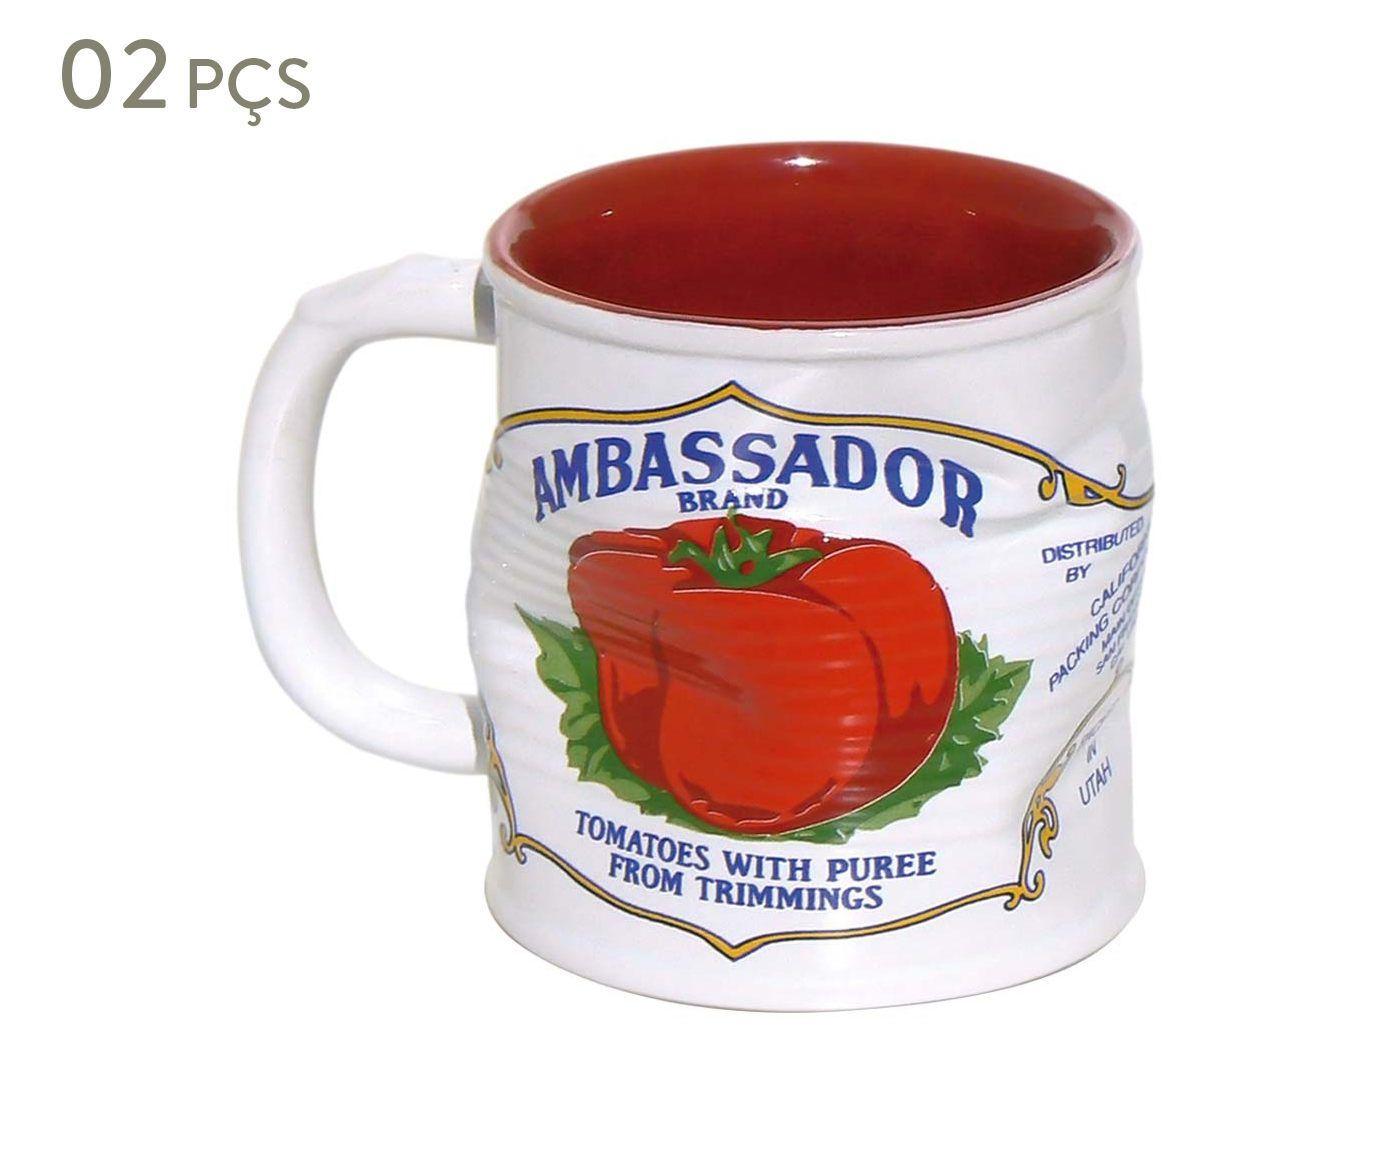 Conjunto de Canecas Smashed ambassador - 320 ml | Westwing.com.br